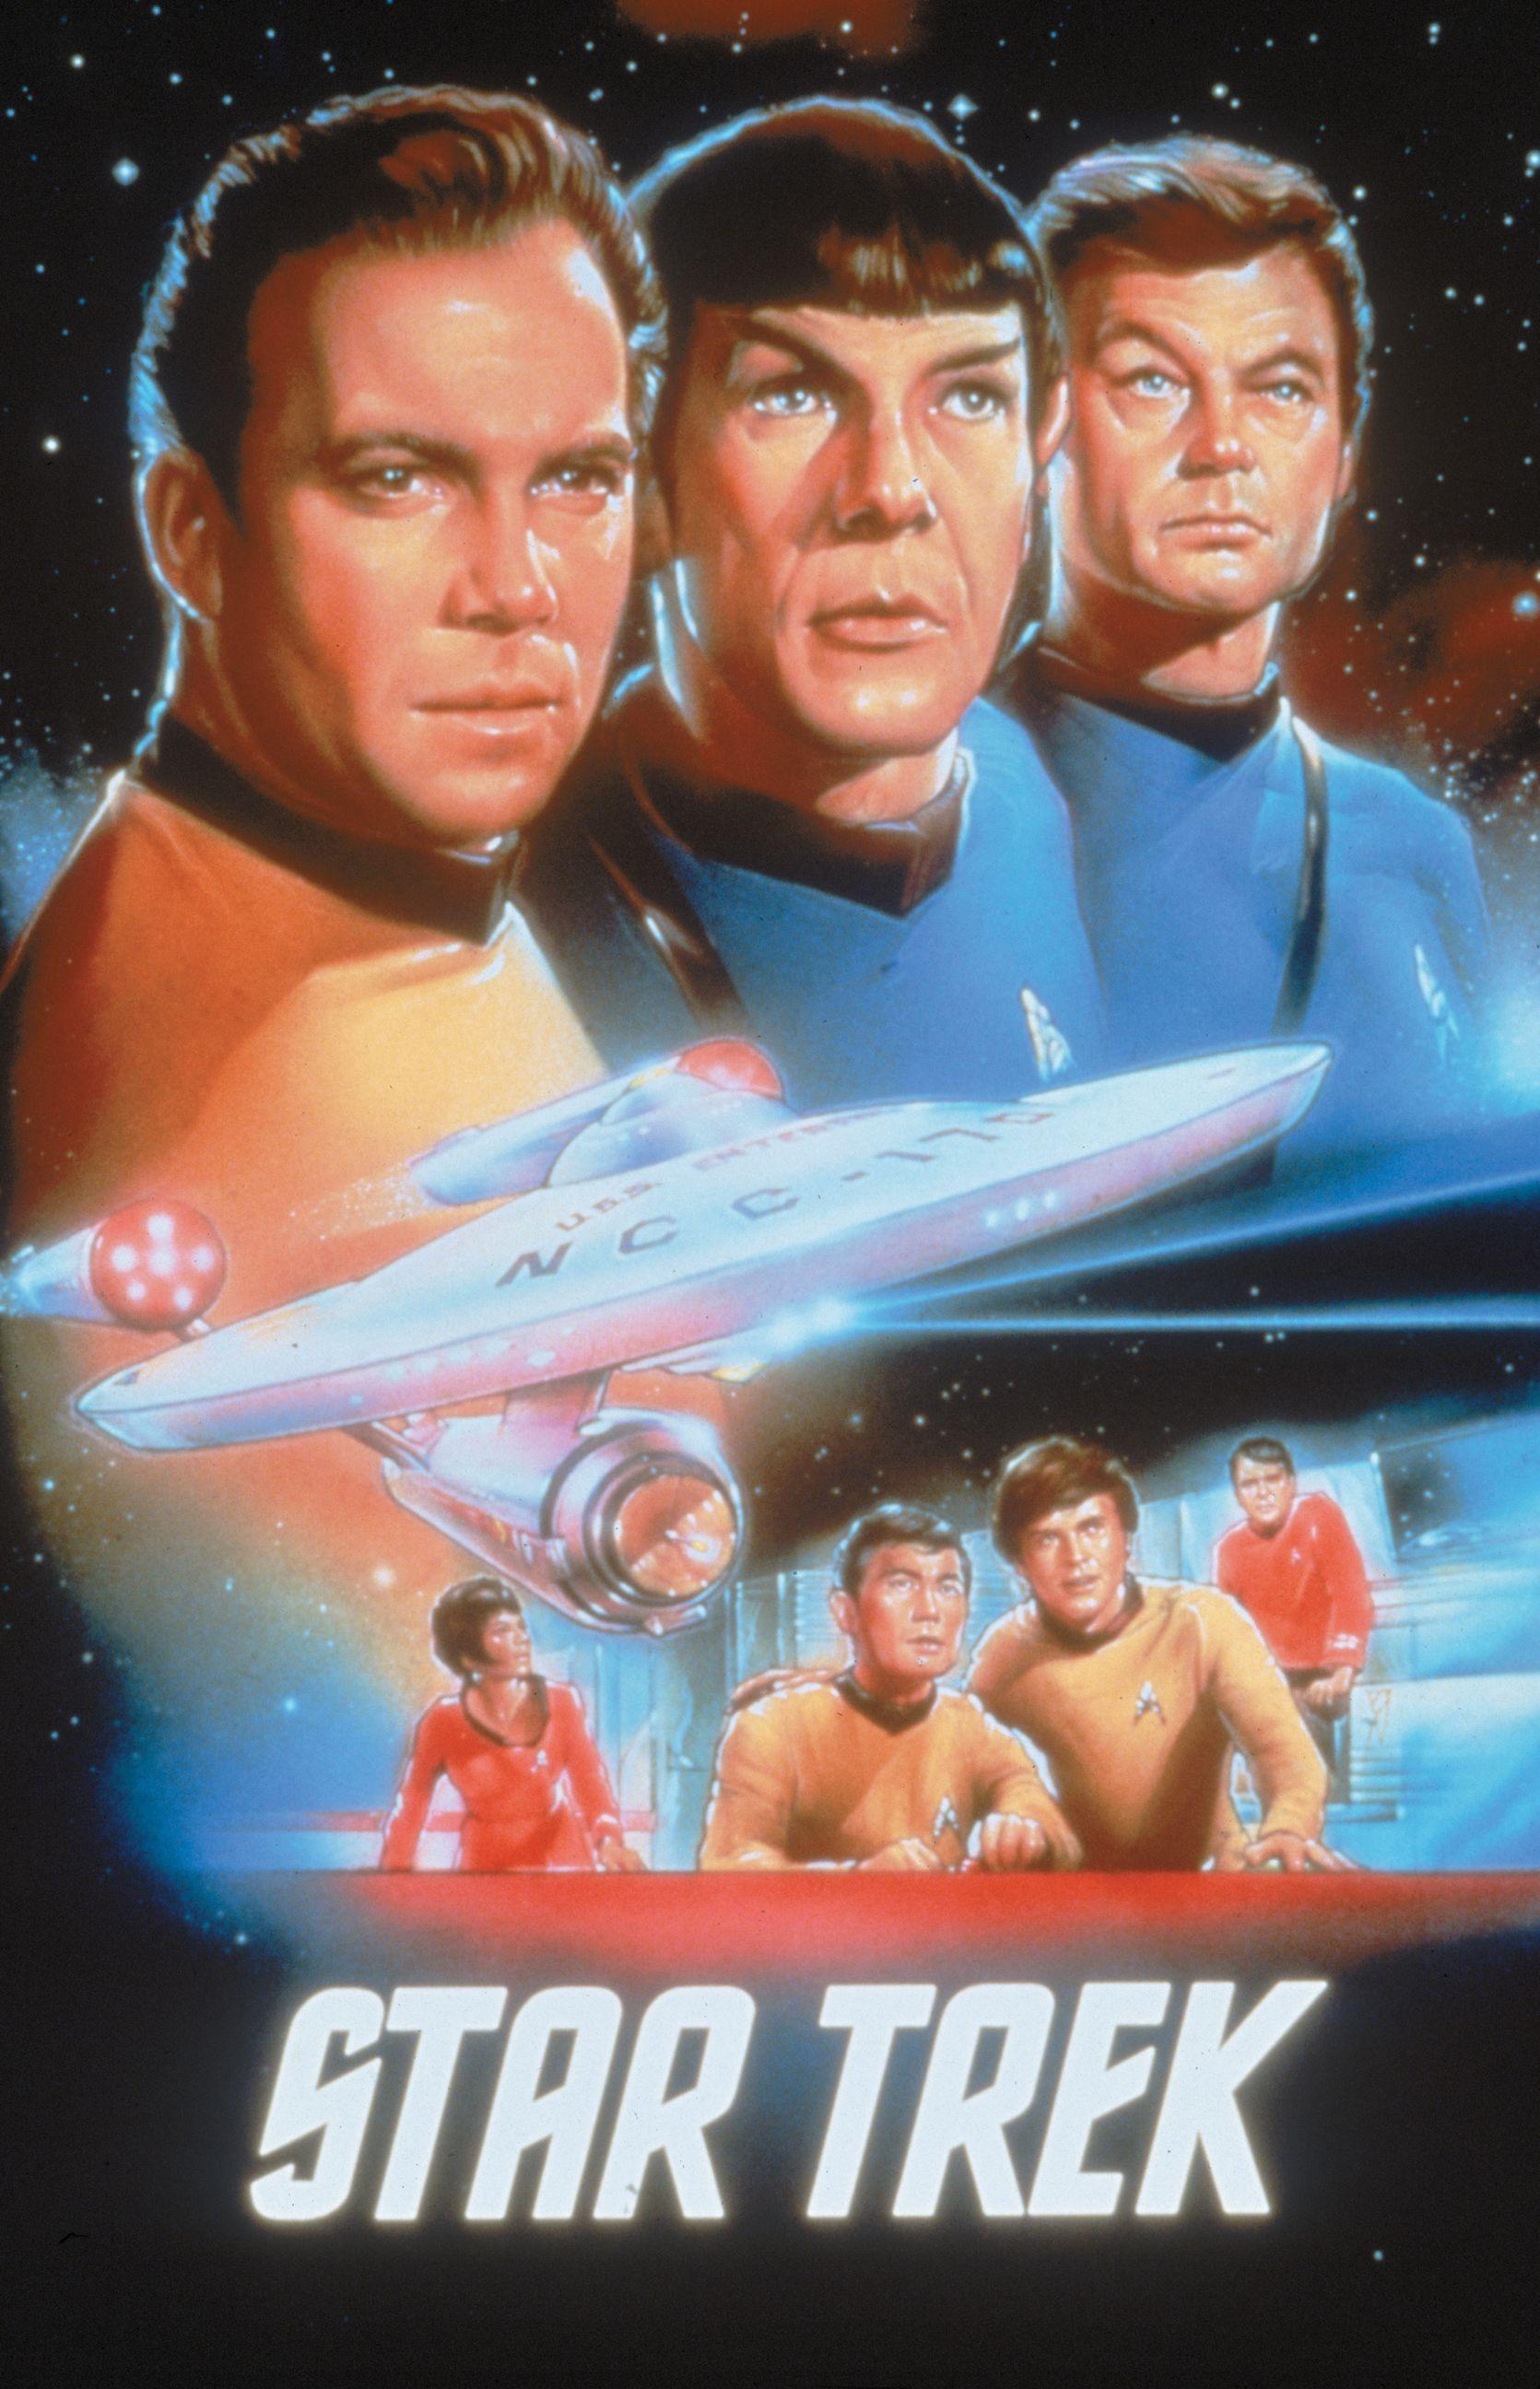 Star Trek 1966 Poster